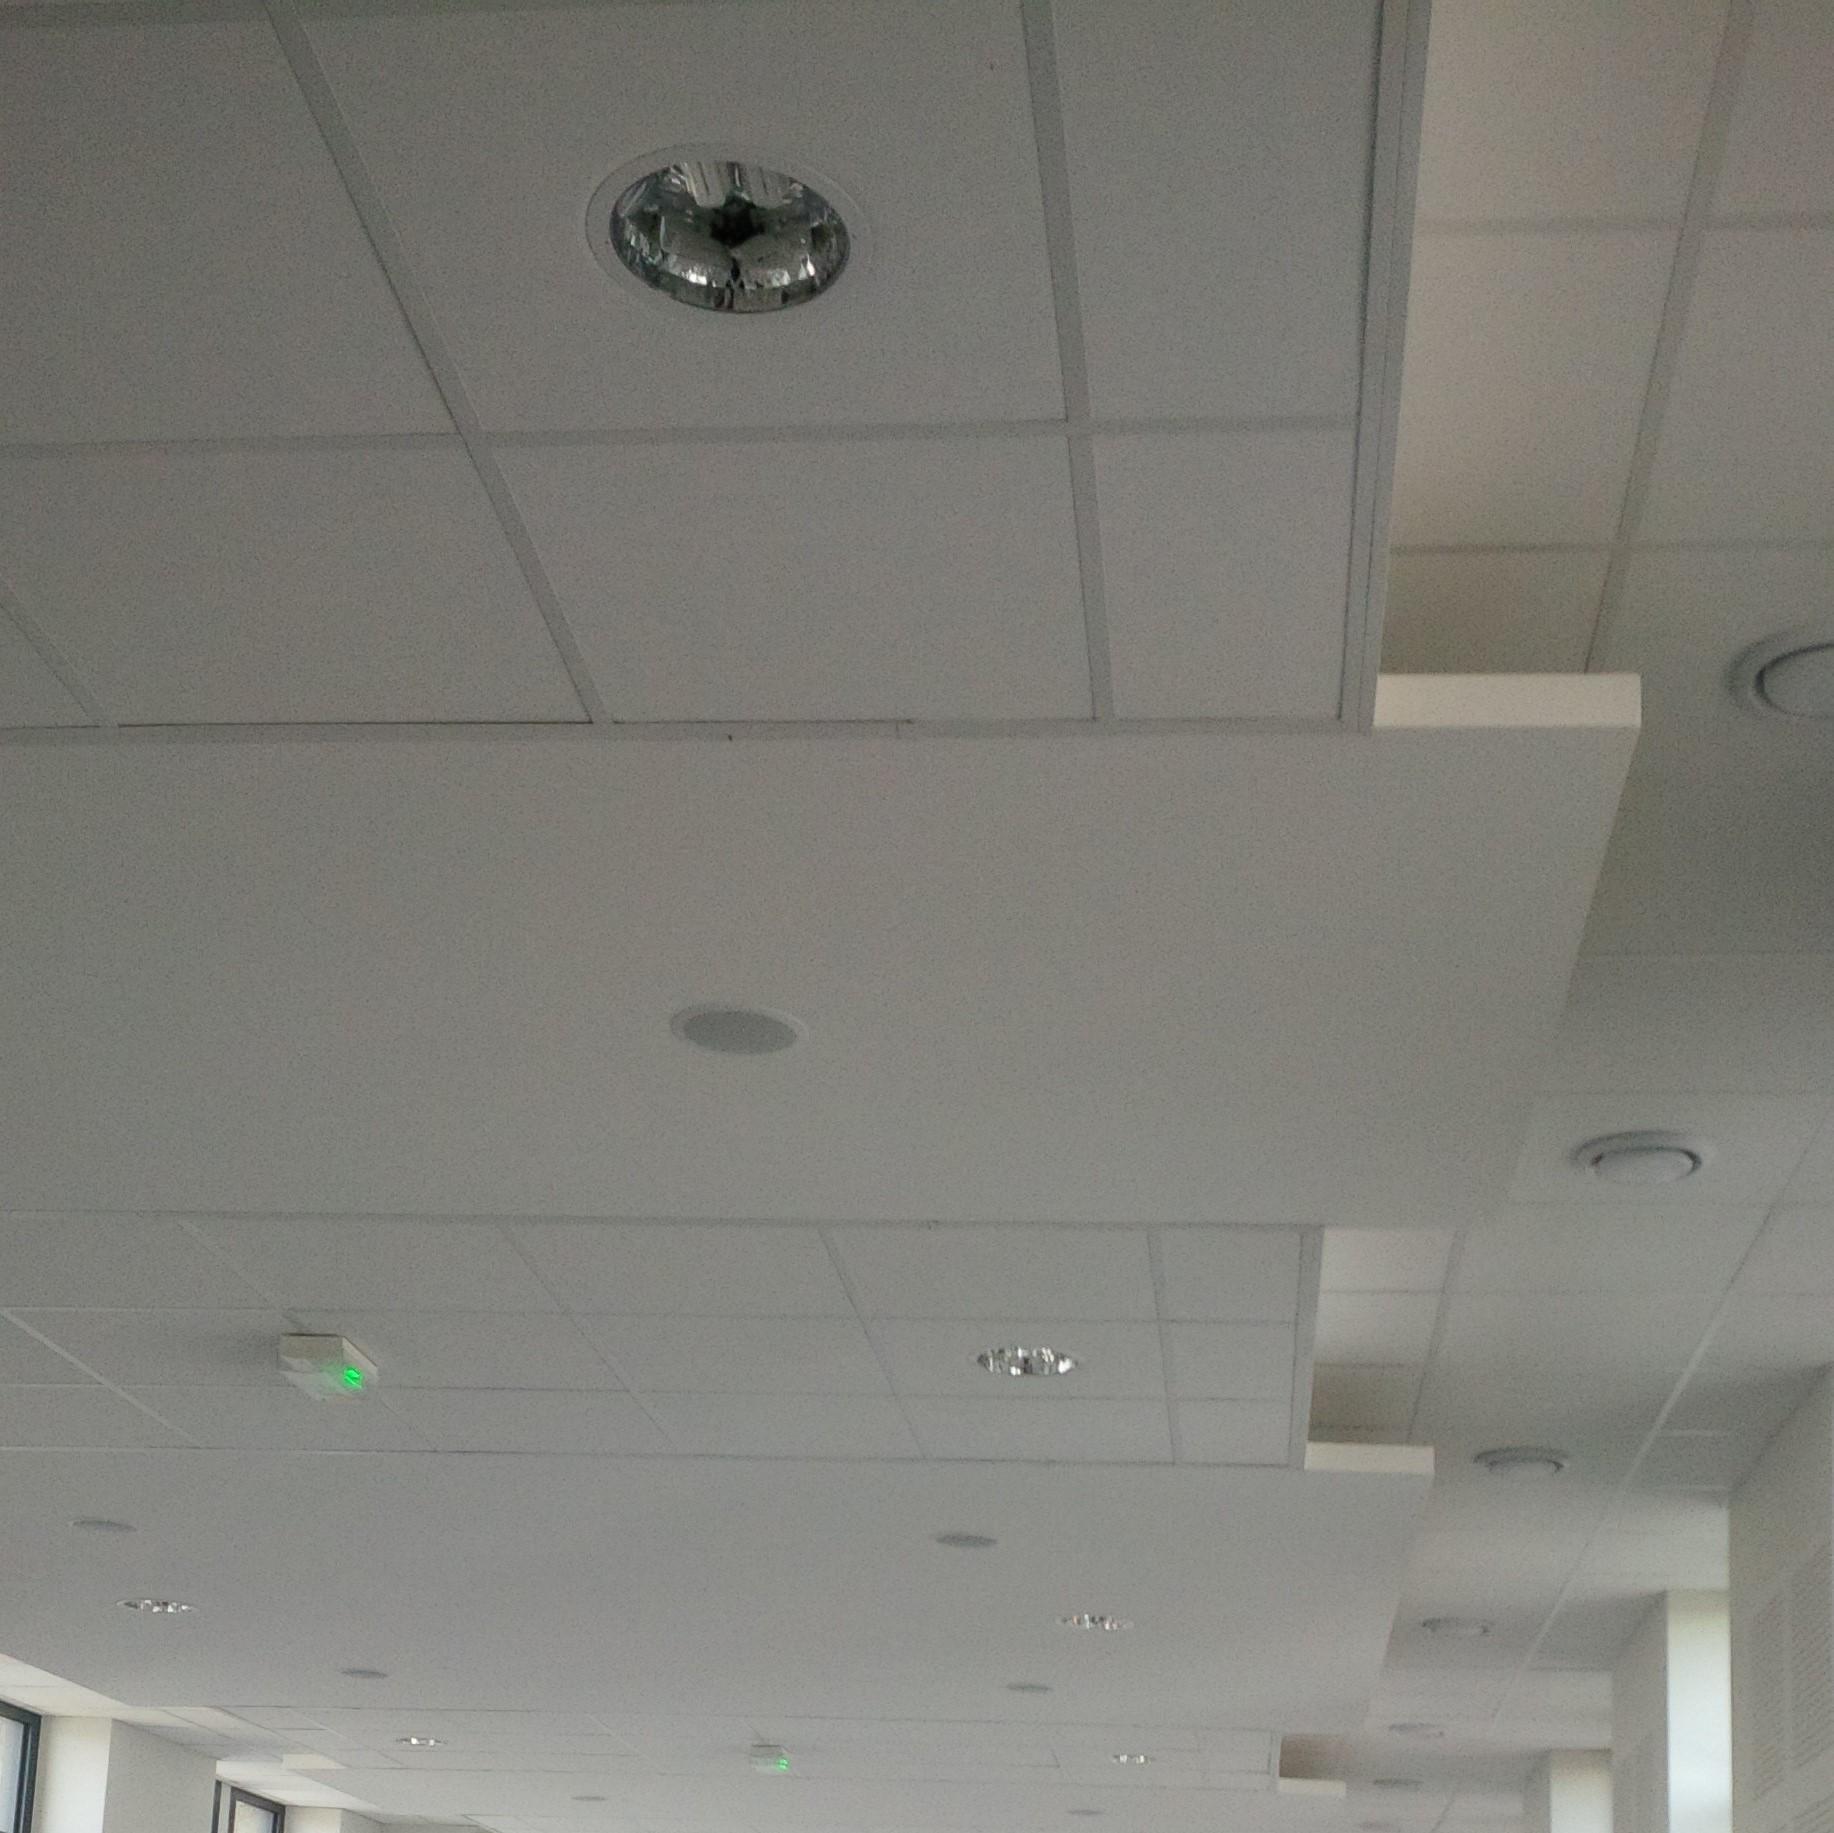 Réalisation d'un plafond en dalle avec décrochement pour mieux gérer l'acoustique de cette salle à la forêt sur sèvre BOSSARD pose les plafonds suspendus BOSSARD intervient dans le 85, le 79 et le 49 BOSSARD gère l'acoustique des pièces BOSSARD à Moncoutant